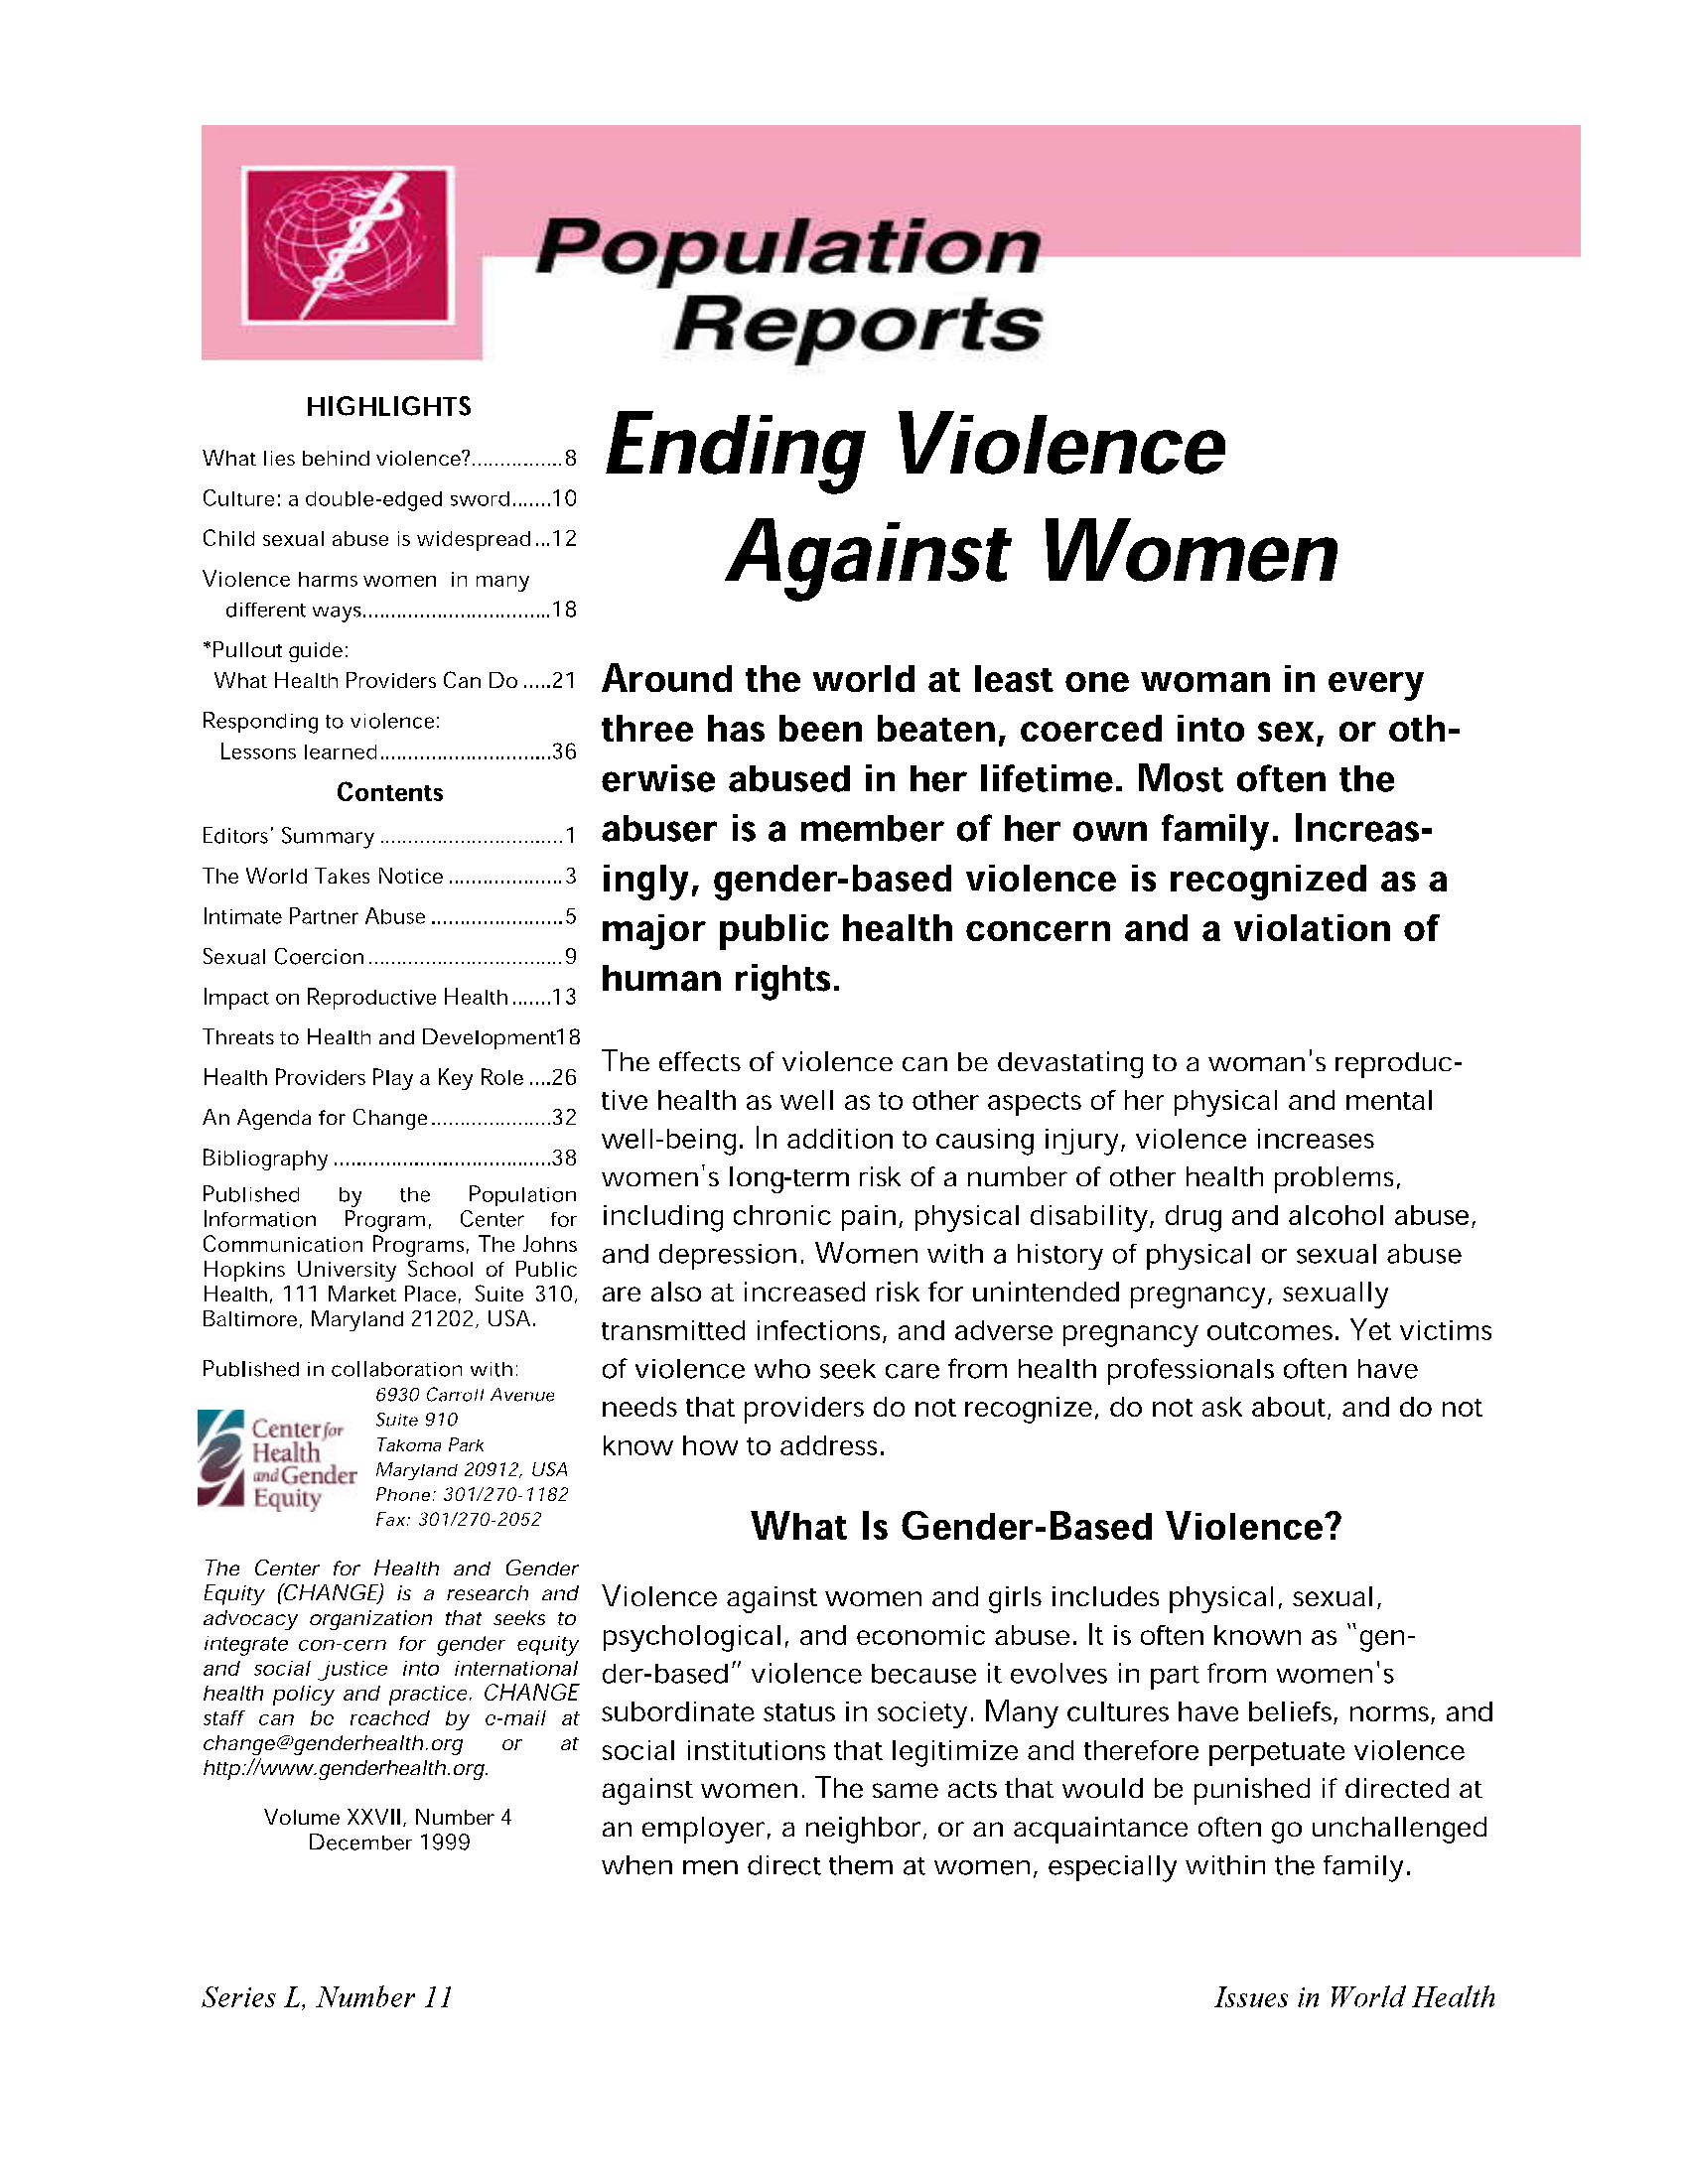 خشونت علیه زنان  ending violence against women